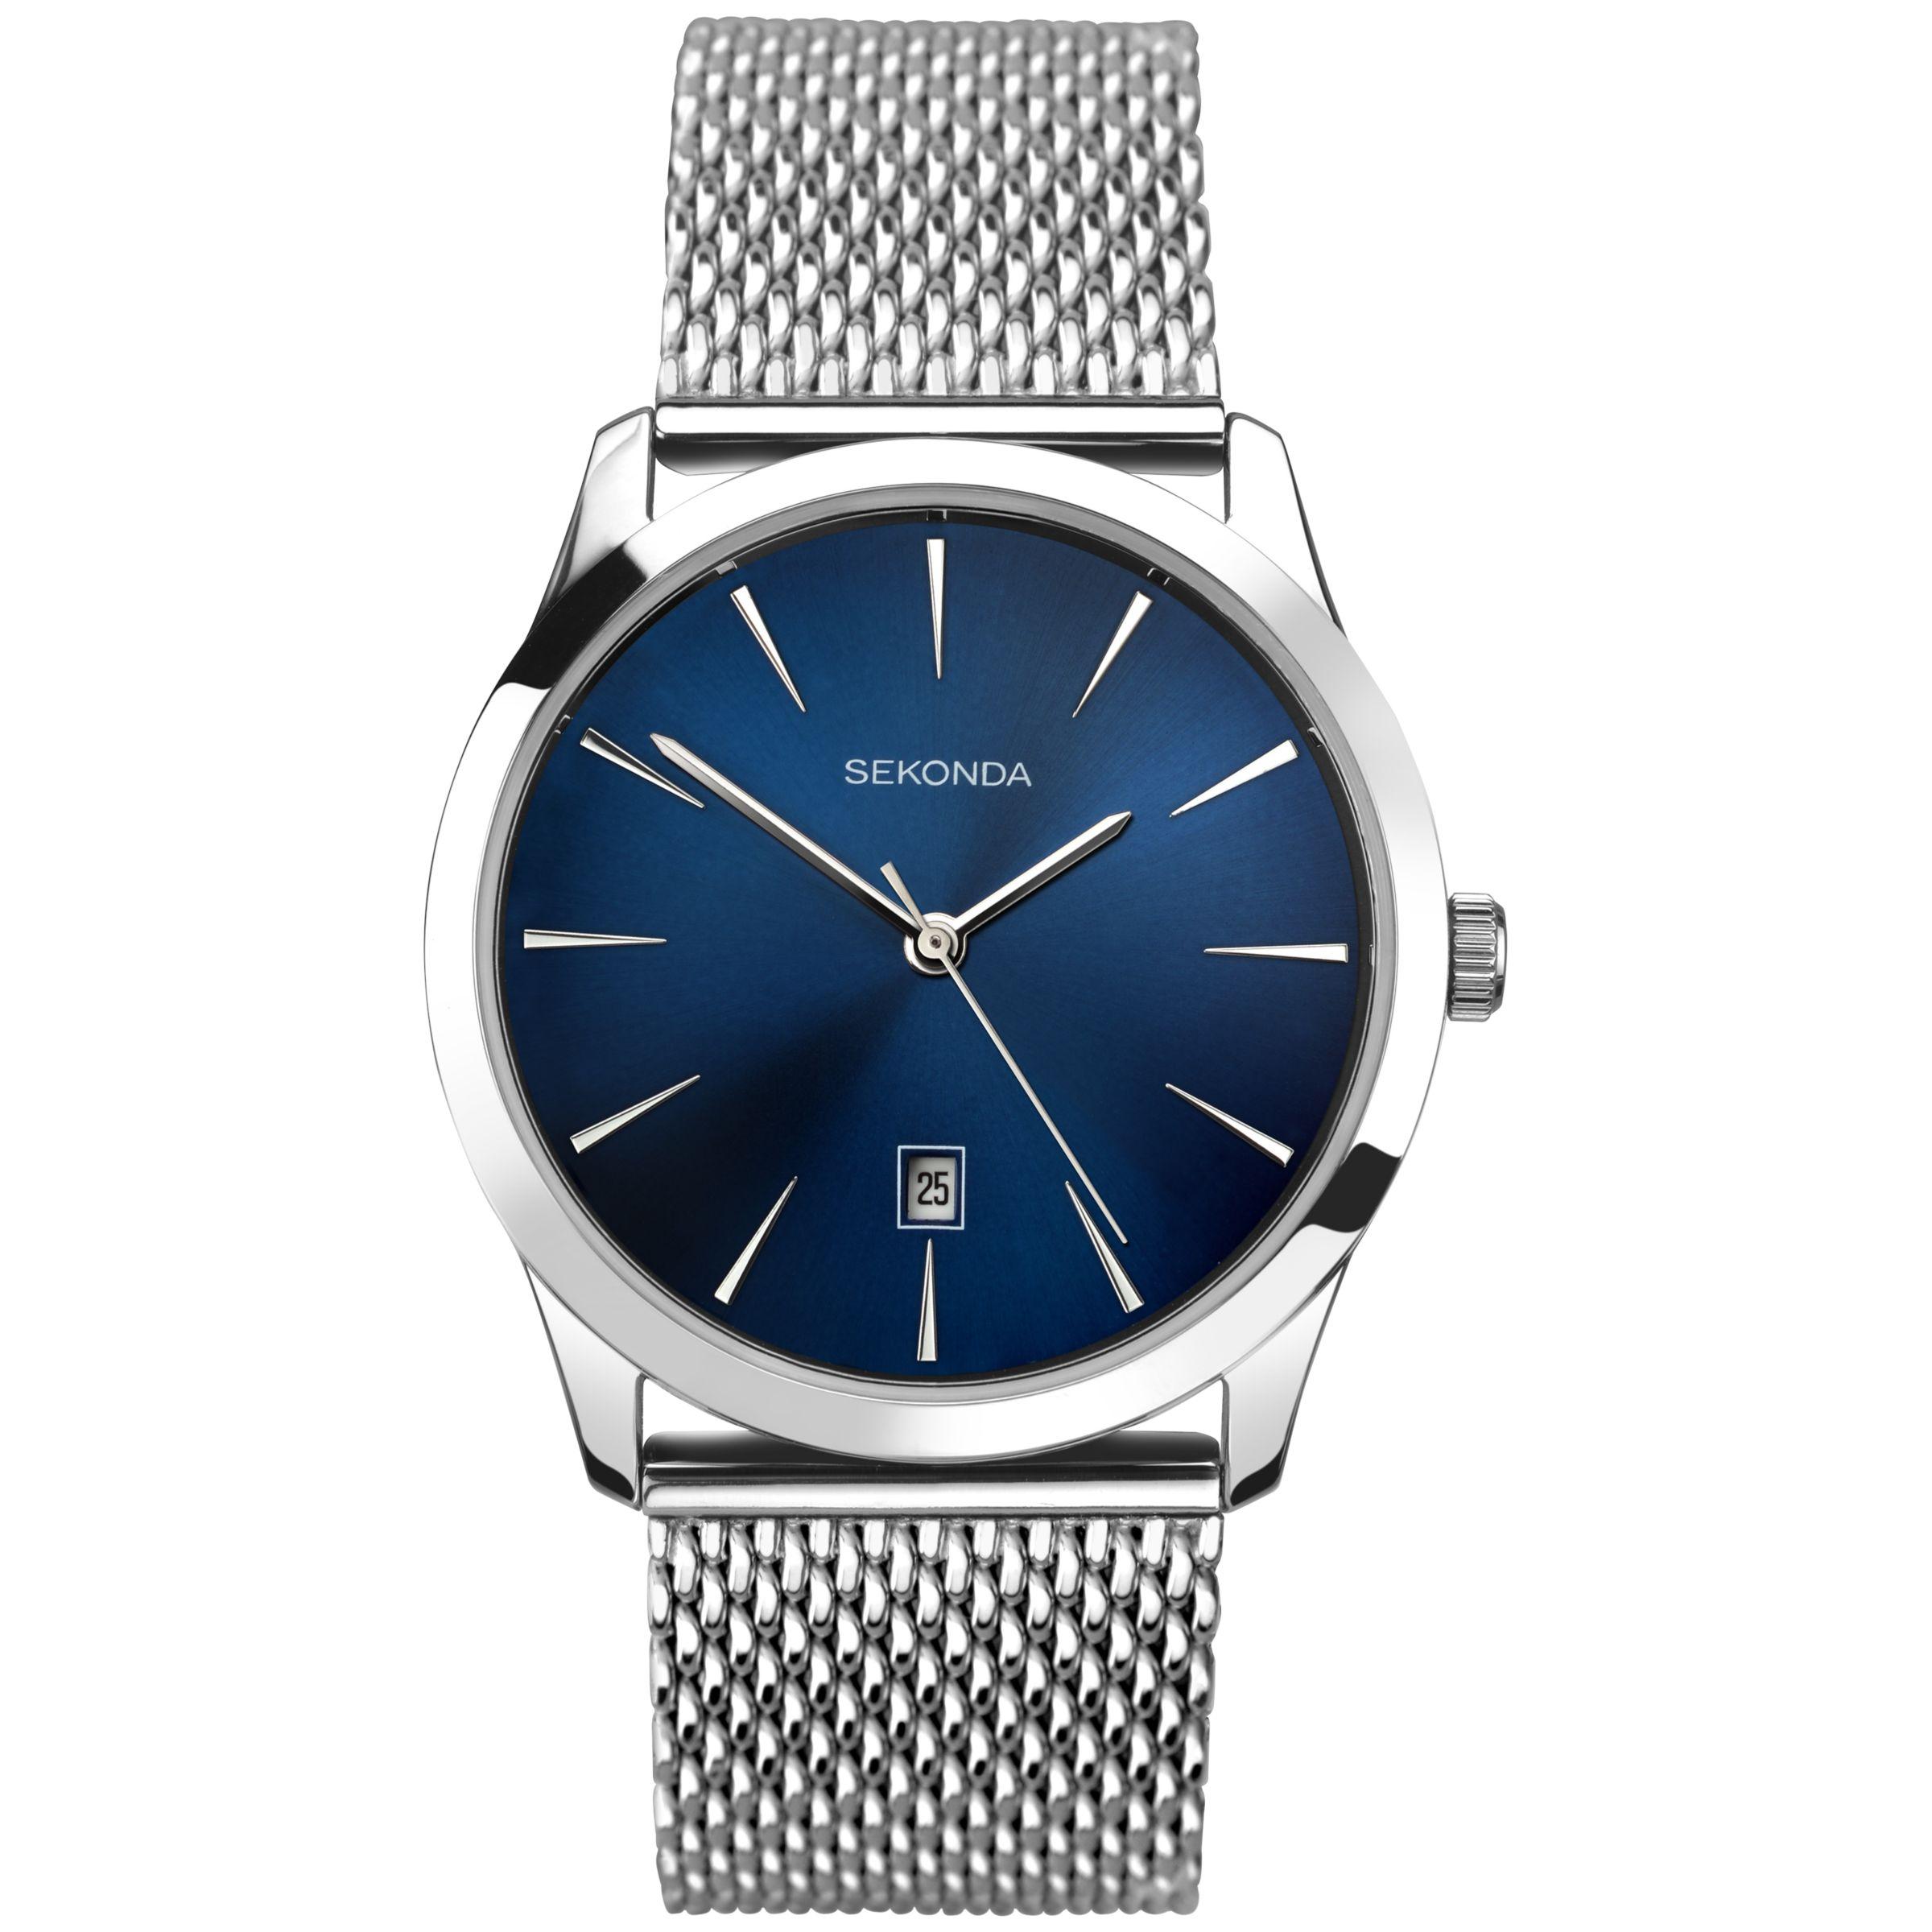 Sekonda Sekonda 1065.27 Men's Date Bracelet Strap Watch, Silver/Blue